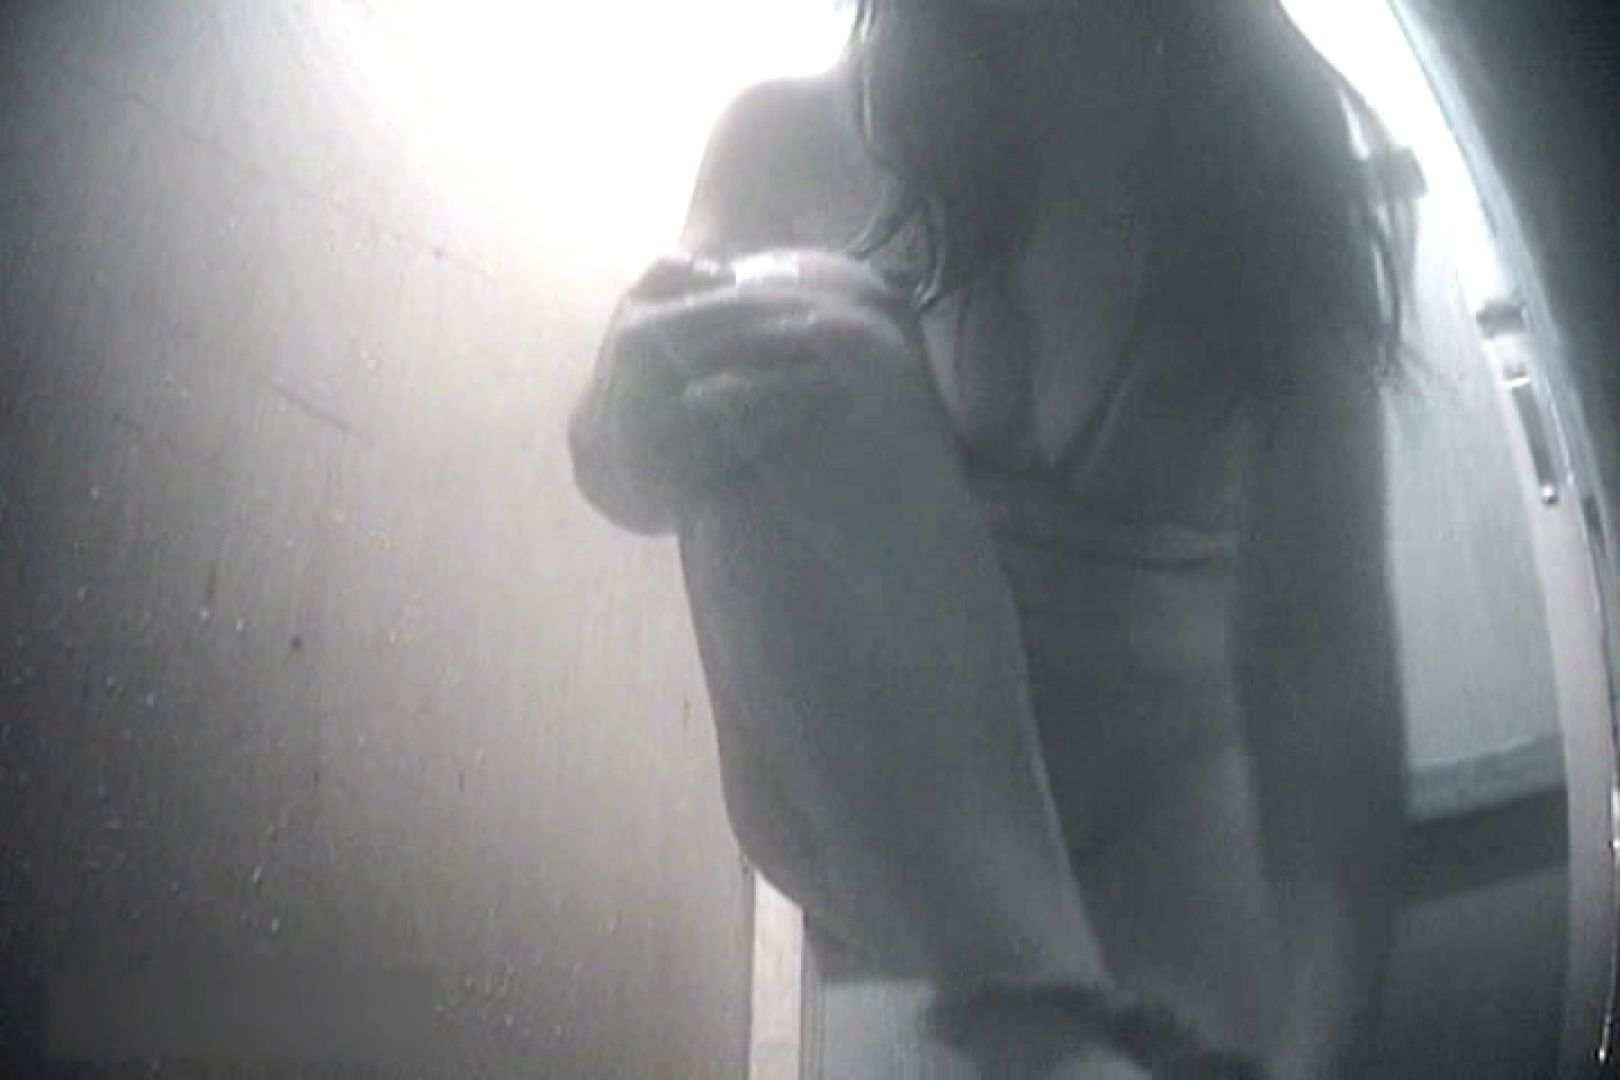 夏海シャワー室!ベトベトお肌をサラサラに!VOL.11 脱衣所  72枚 11